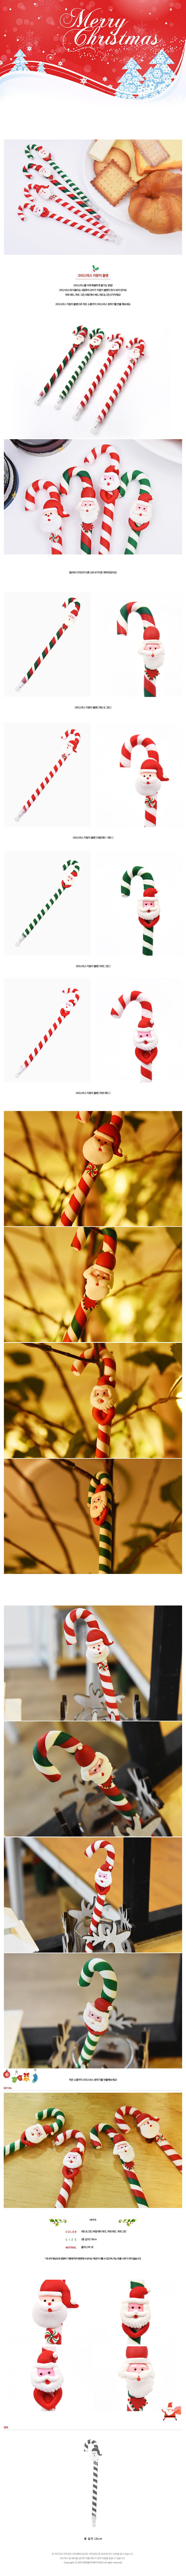 크리스마스 지팡이 볼펜 (바람개비) 레드 - 파티해, 1,445원, 장식품, 크리스마스소품